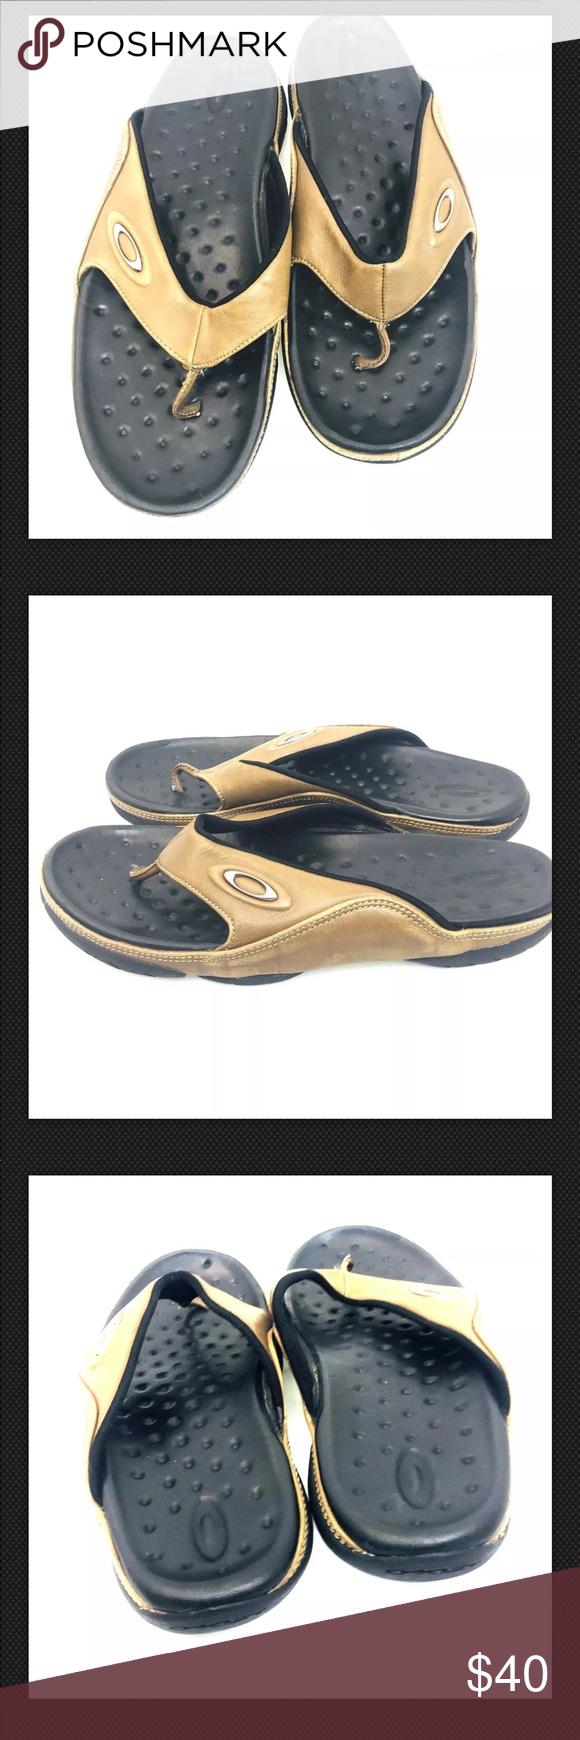 e268755bd57e97 Oakley Mens Brown Black Leather Thong Sandal US 10 Oakley Mens Brown Black  Leather Thong Flip Flop Sandals Size EU 44 US 10 Oakley Shoes Sandals    Flip- ...